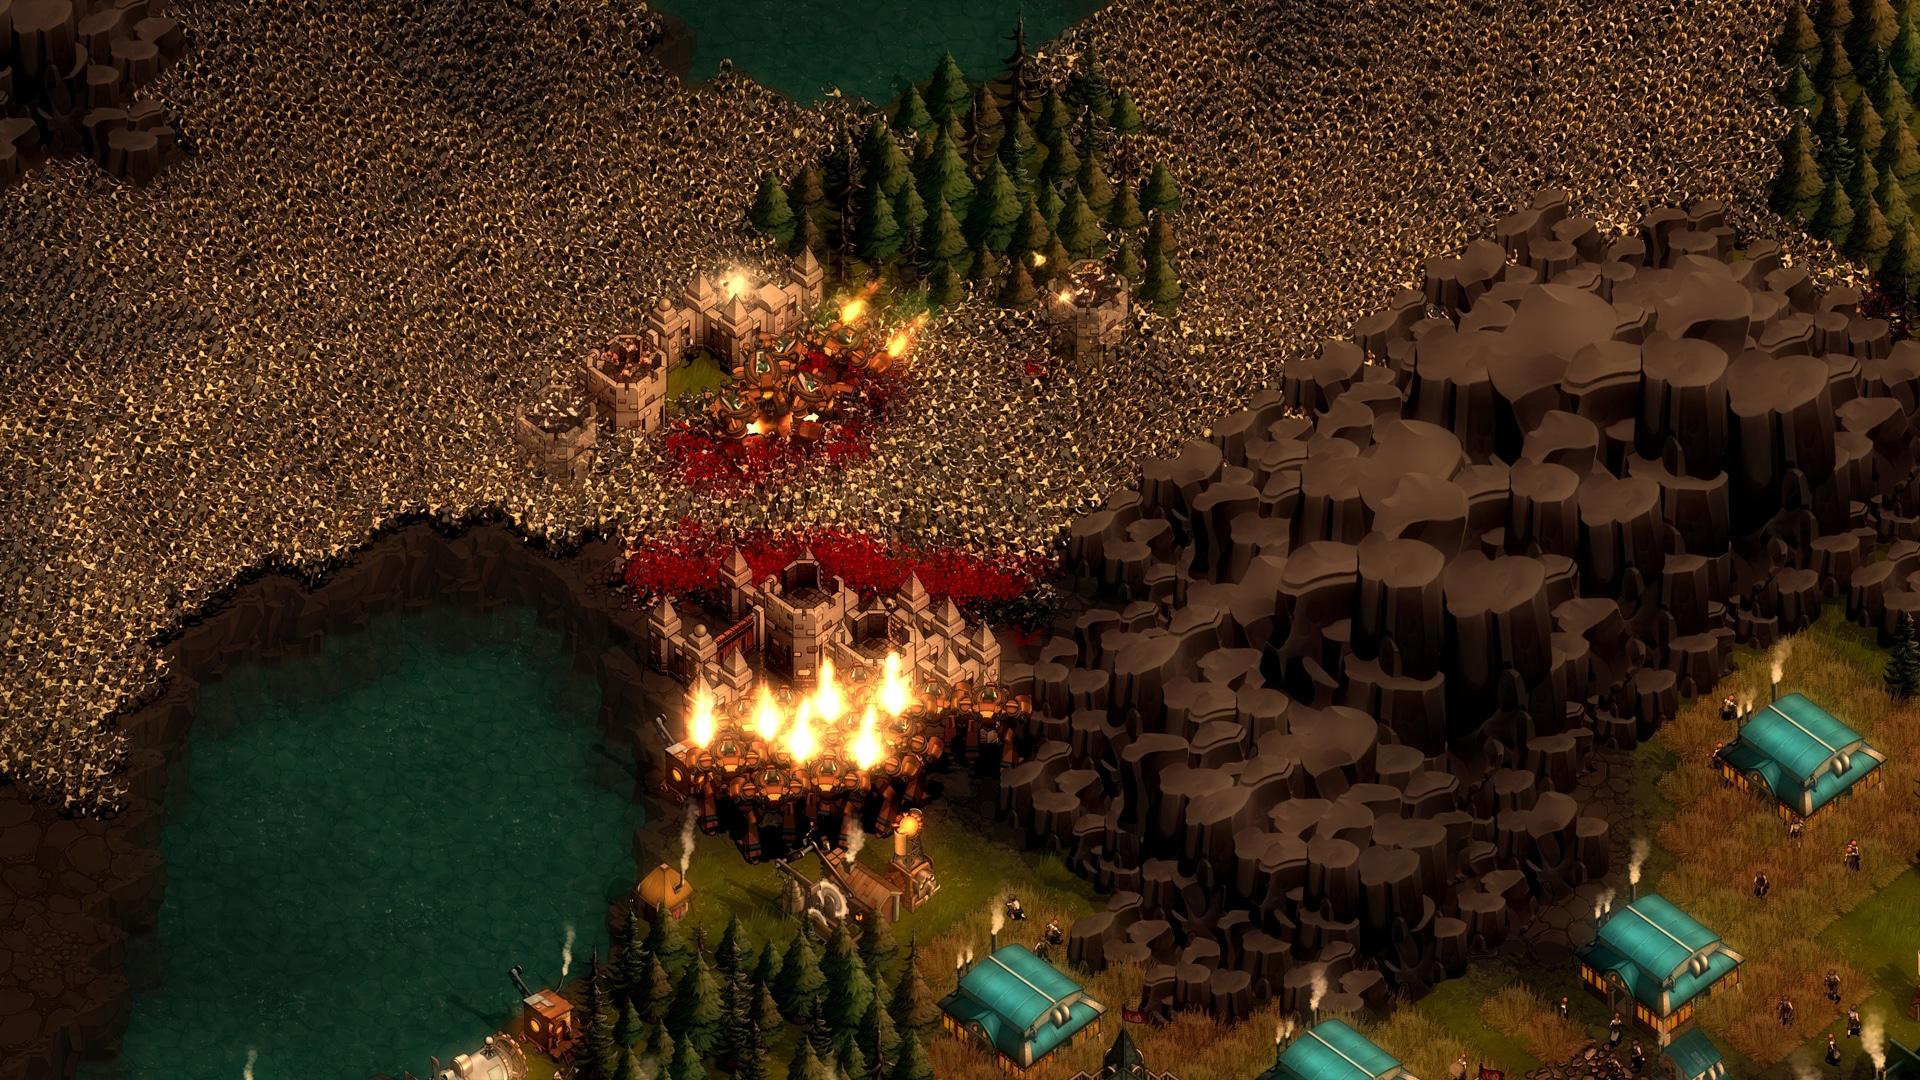 Swarms   They Are Billions Wiki   FANDOM powered by Wikia